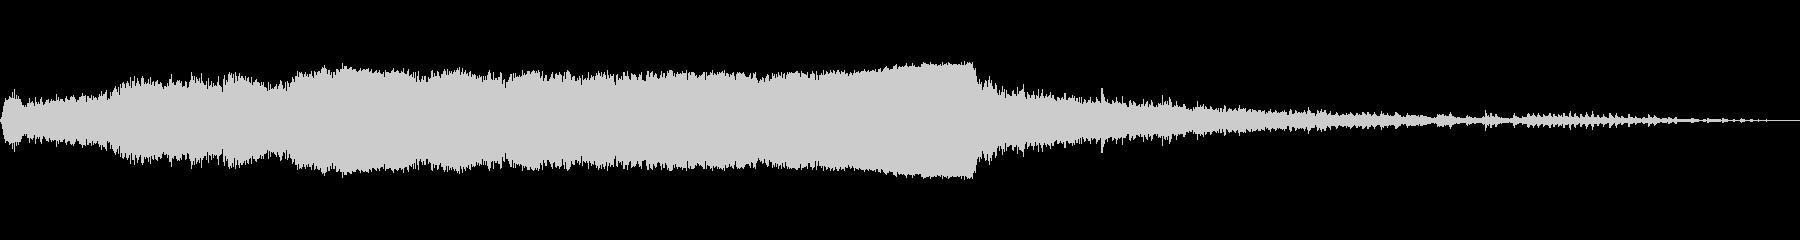 丸鋸1カットの未再生の波形